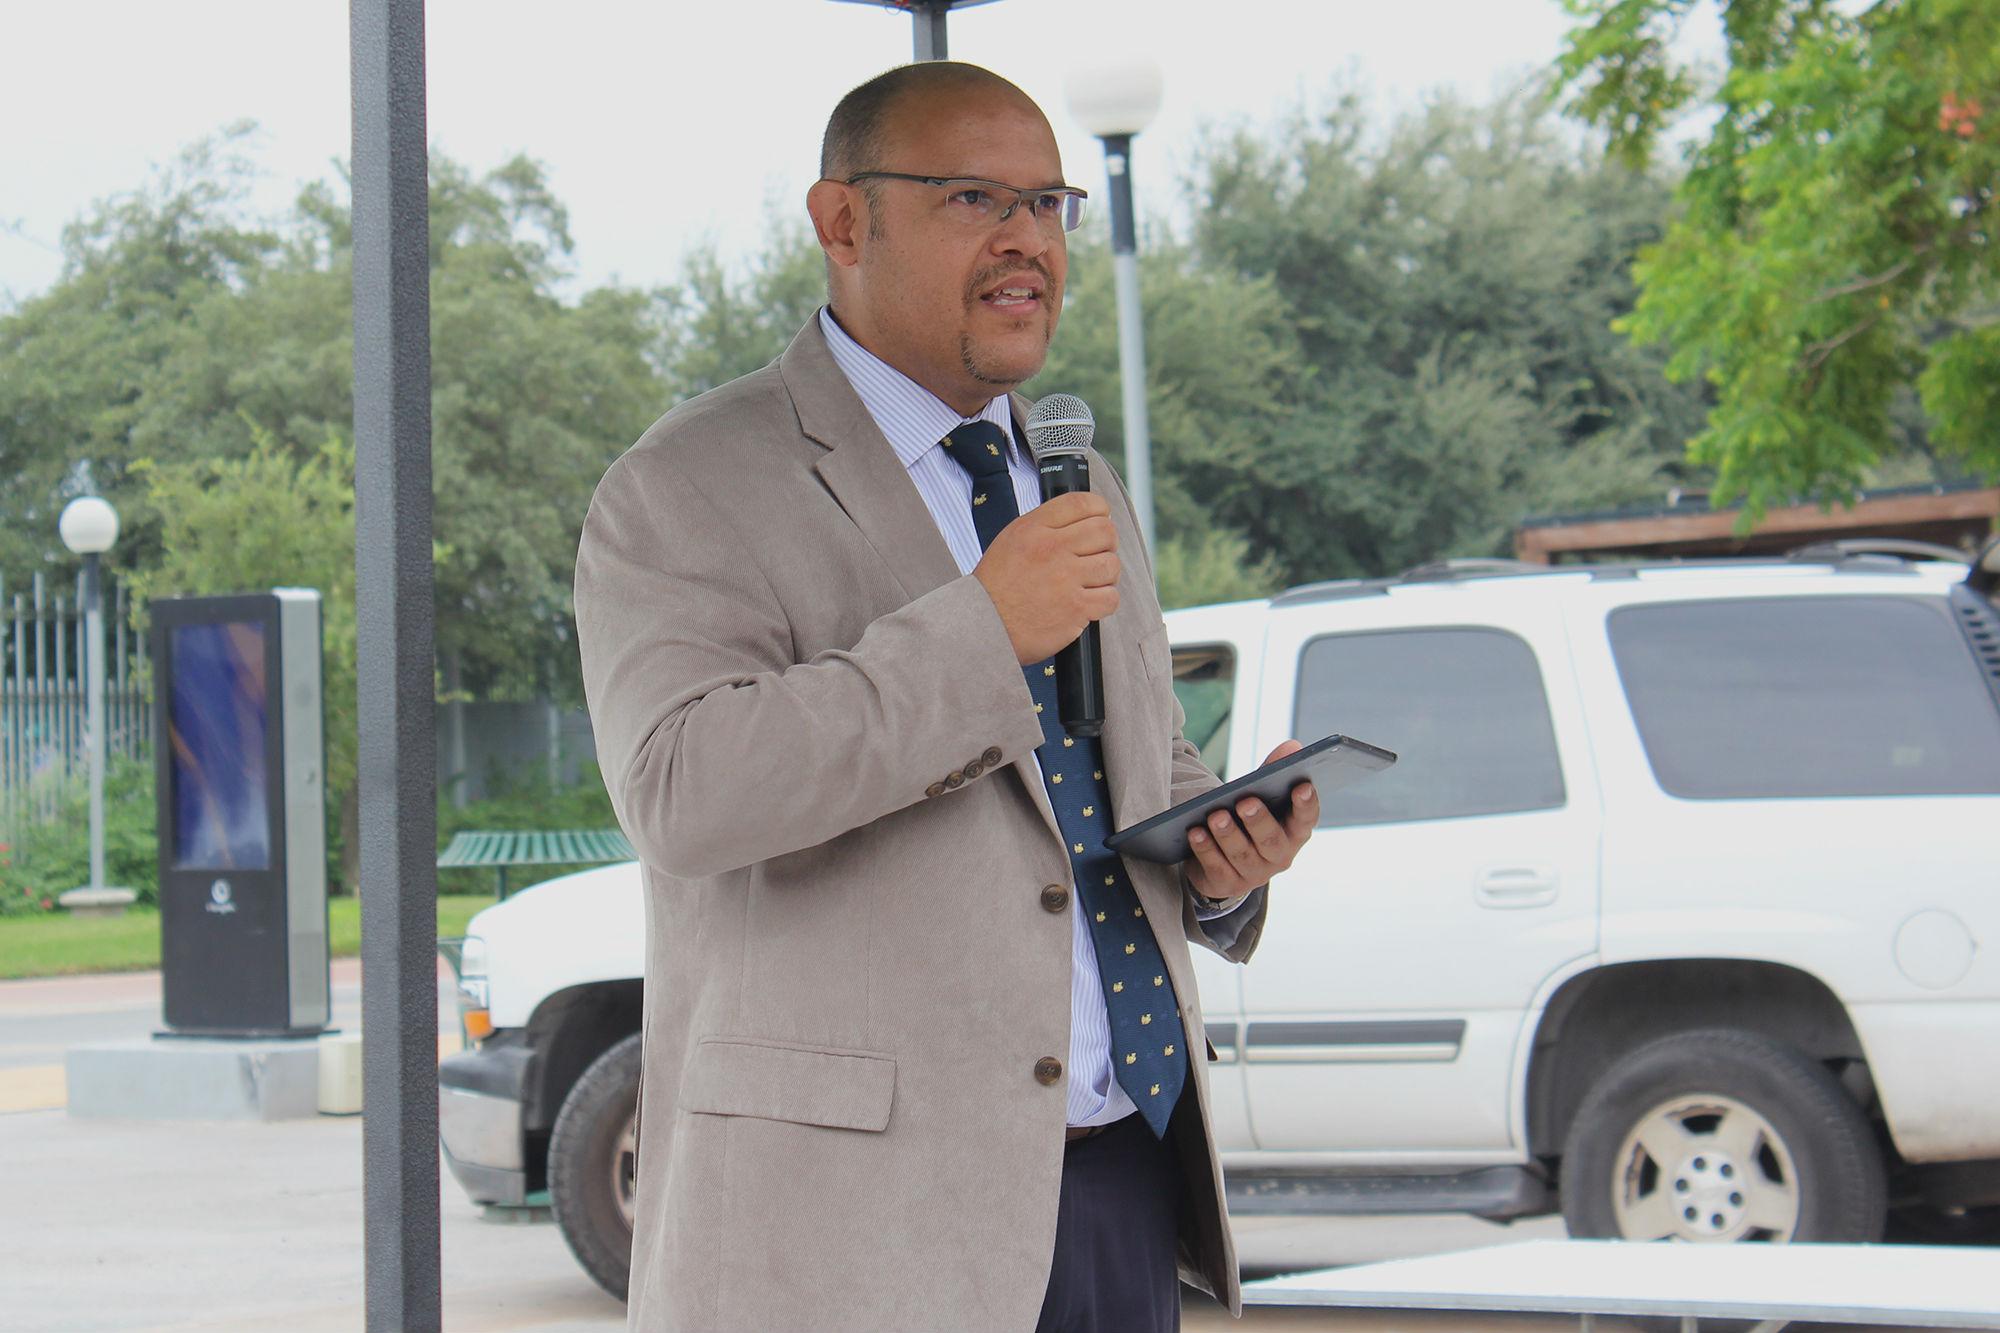 Lic. Pablo Lozano García hablando sobre los medios de comunicación actuales